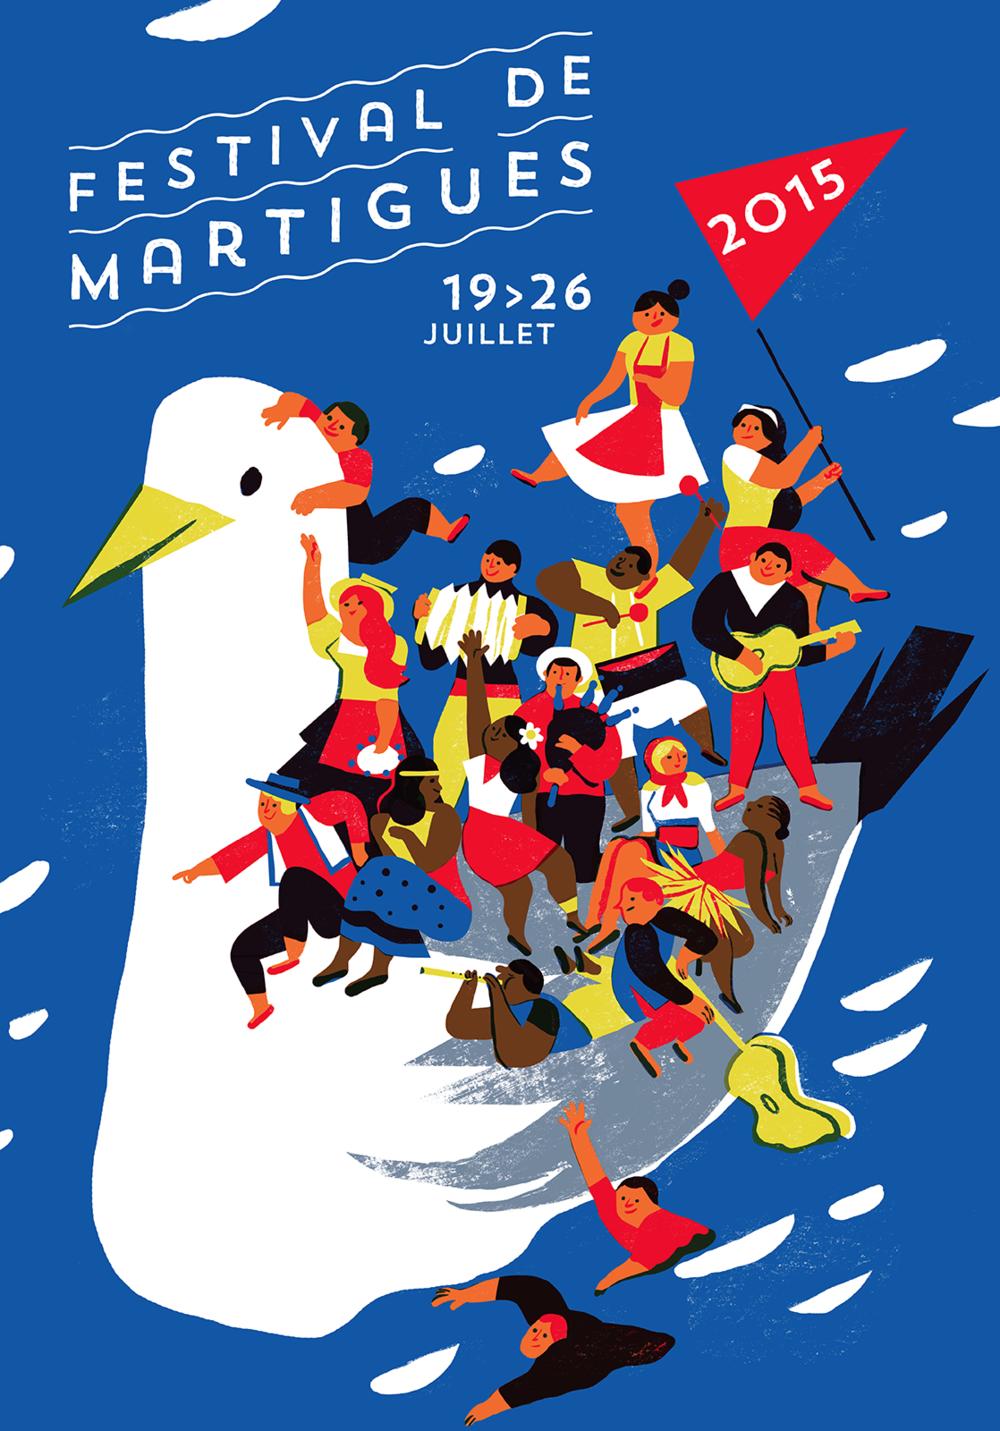 Virginie Morgand | Poster for Festival de Martigues 2015